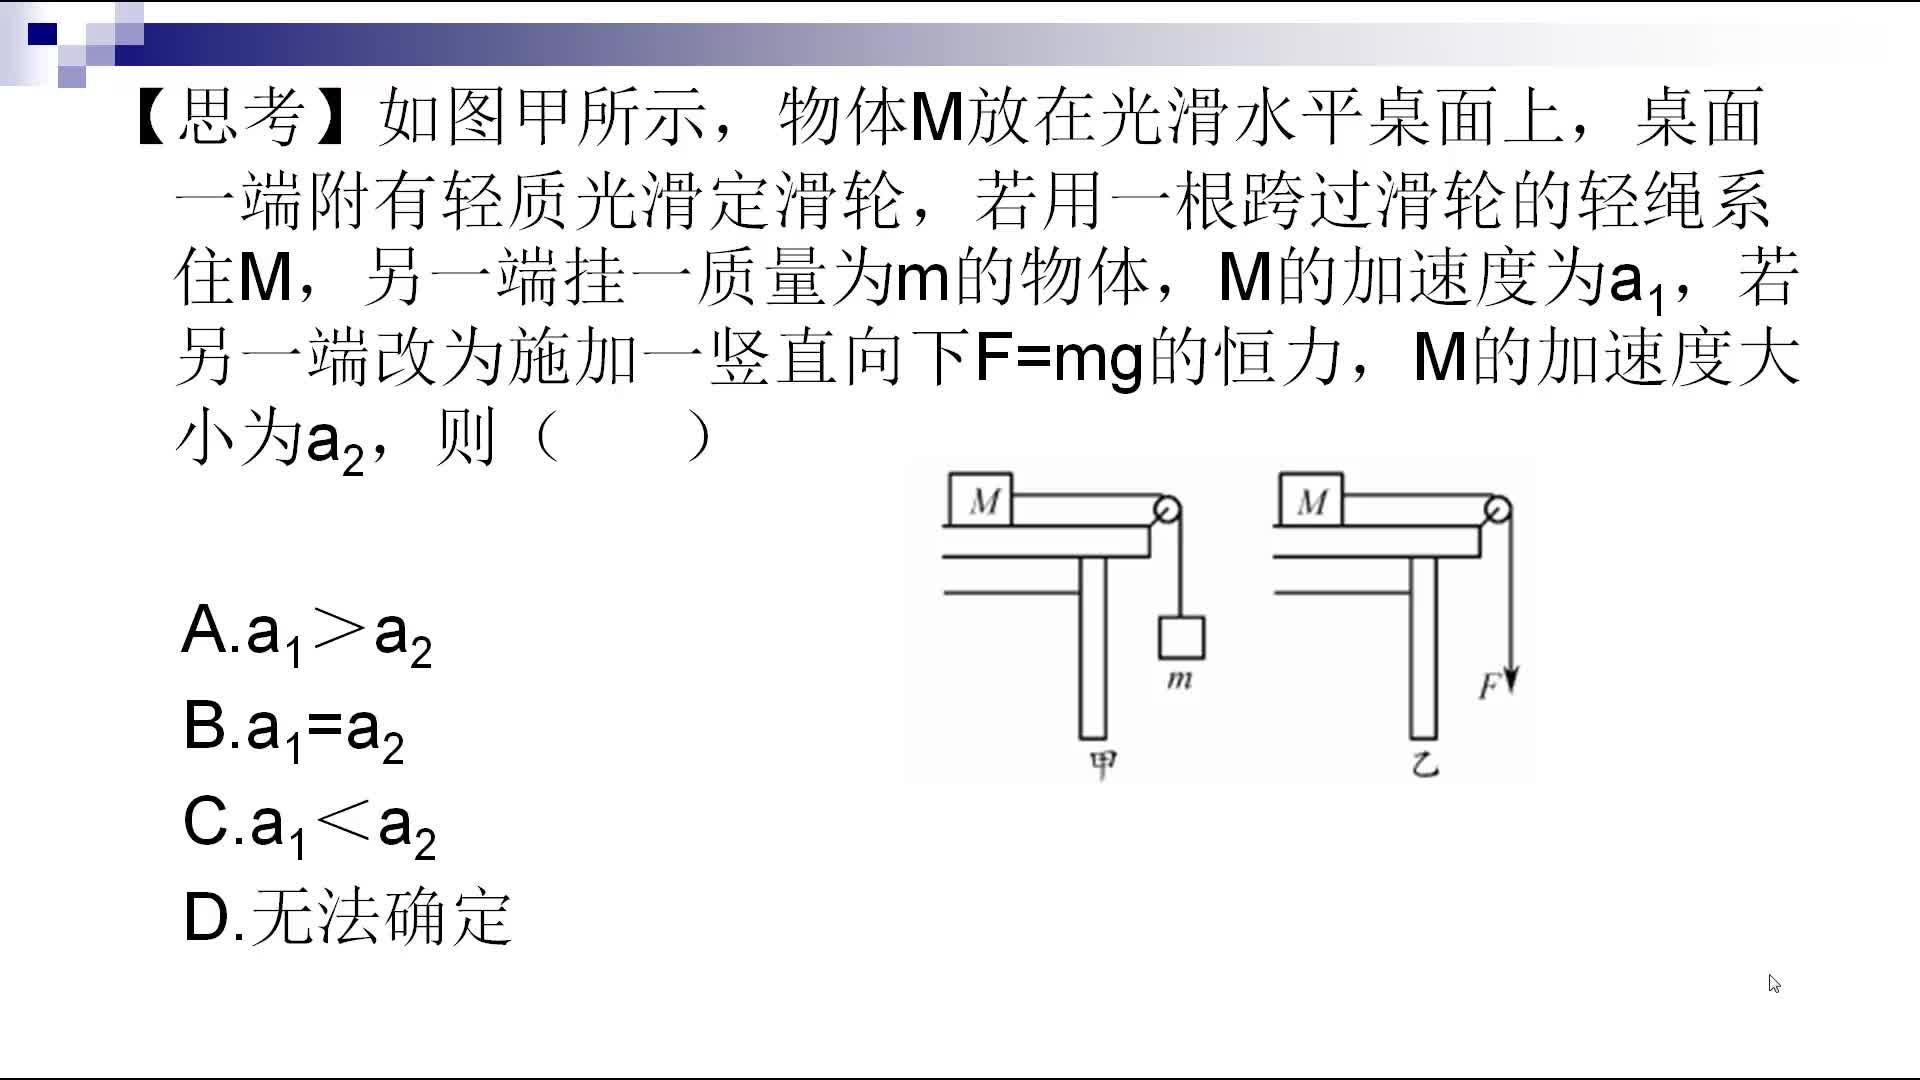 人教版 高一物理 必修一 4.6 加速度比较(牛顿运动定律难点辨析)-视频微课堂